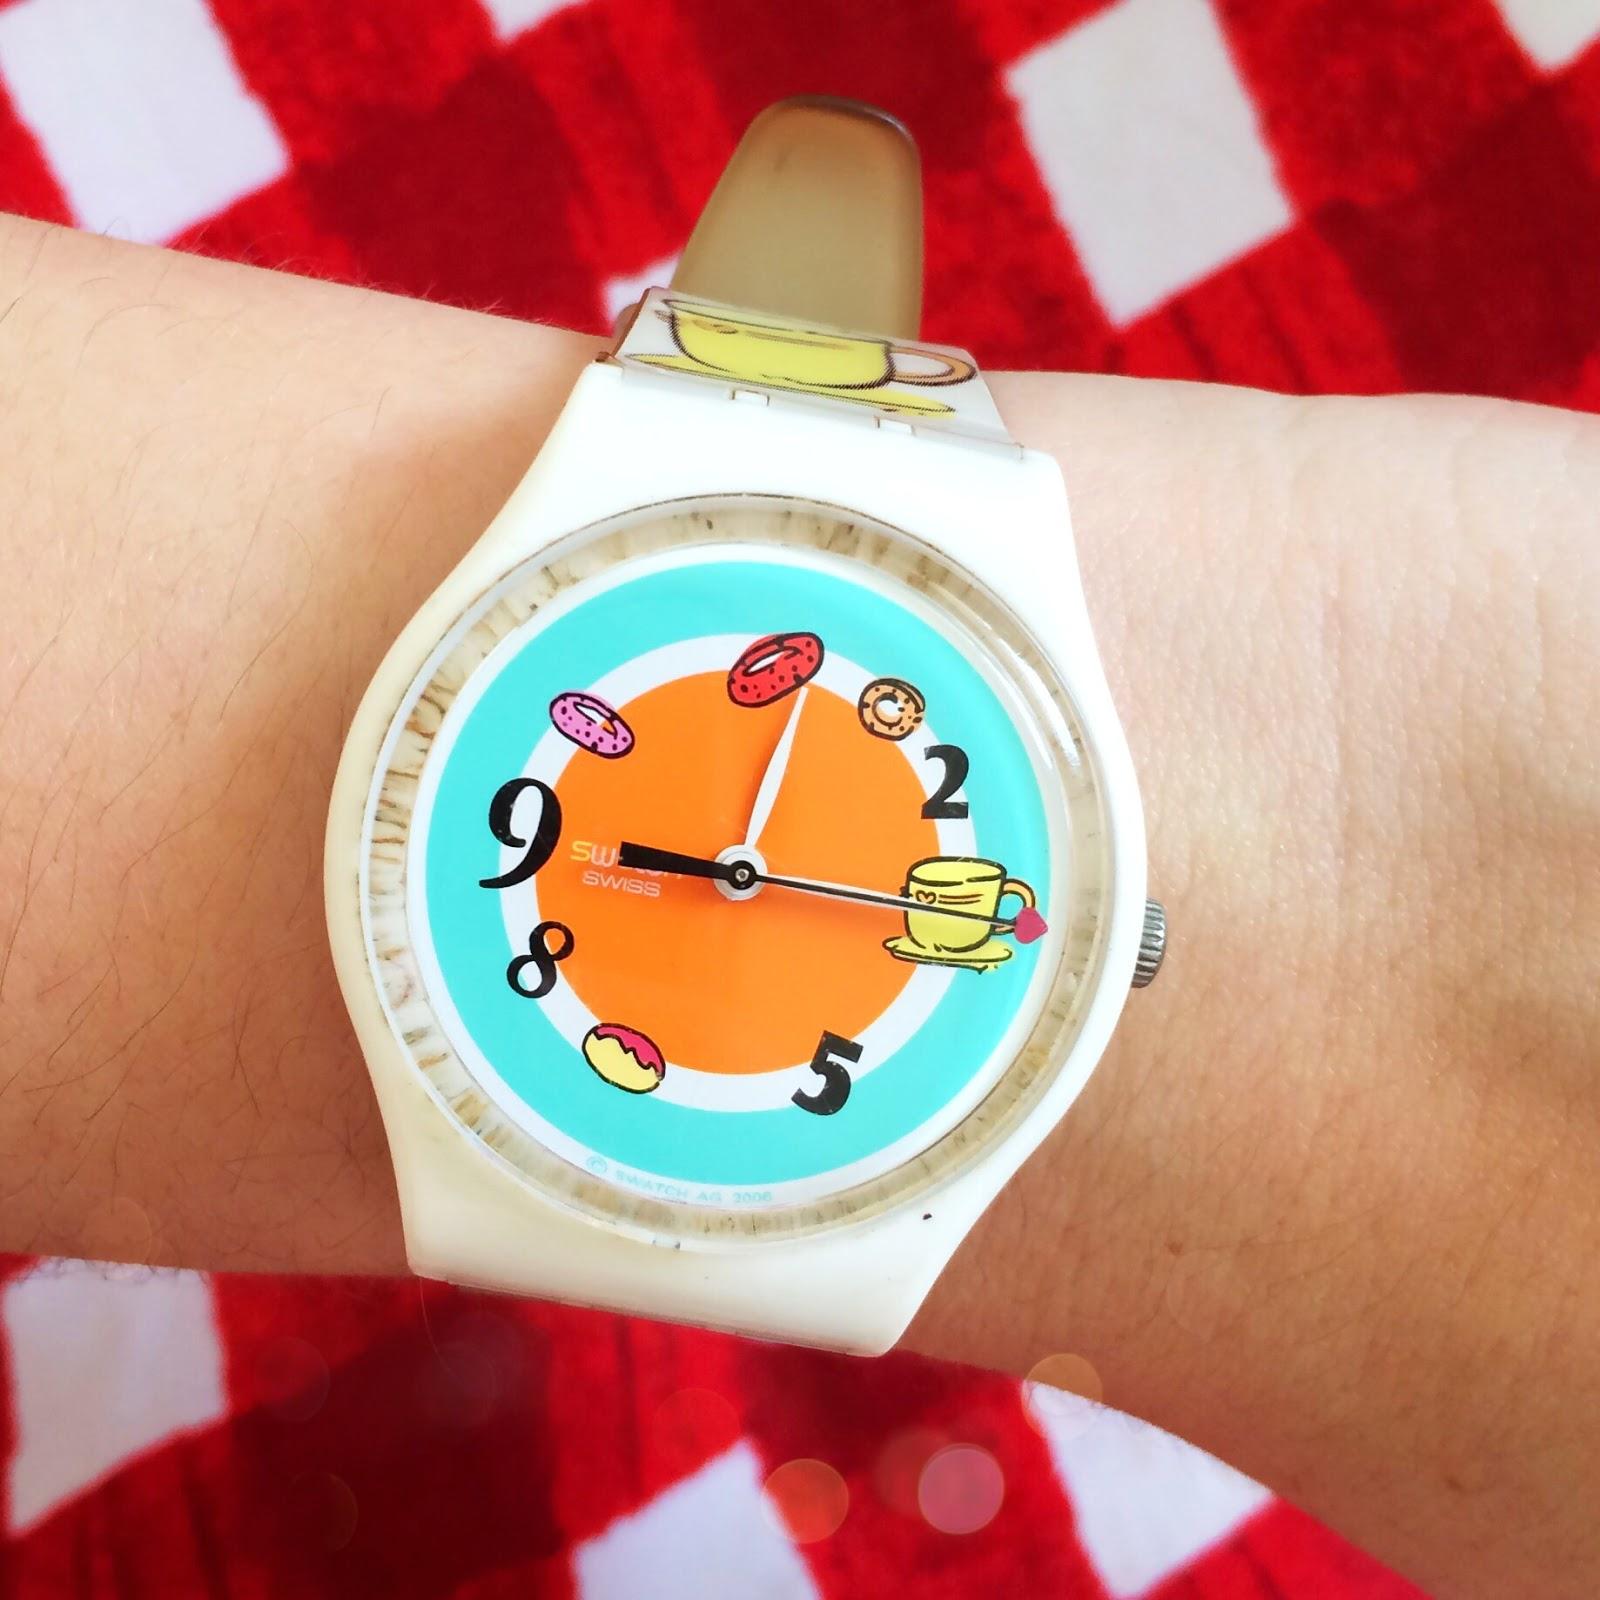 Swatch Watch, Donut Watch